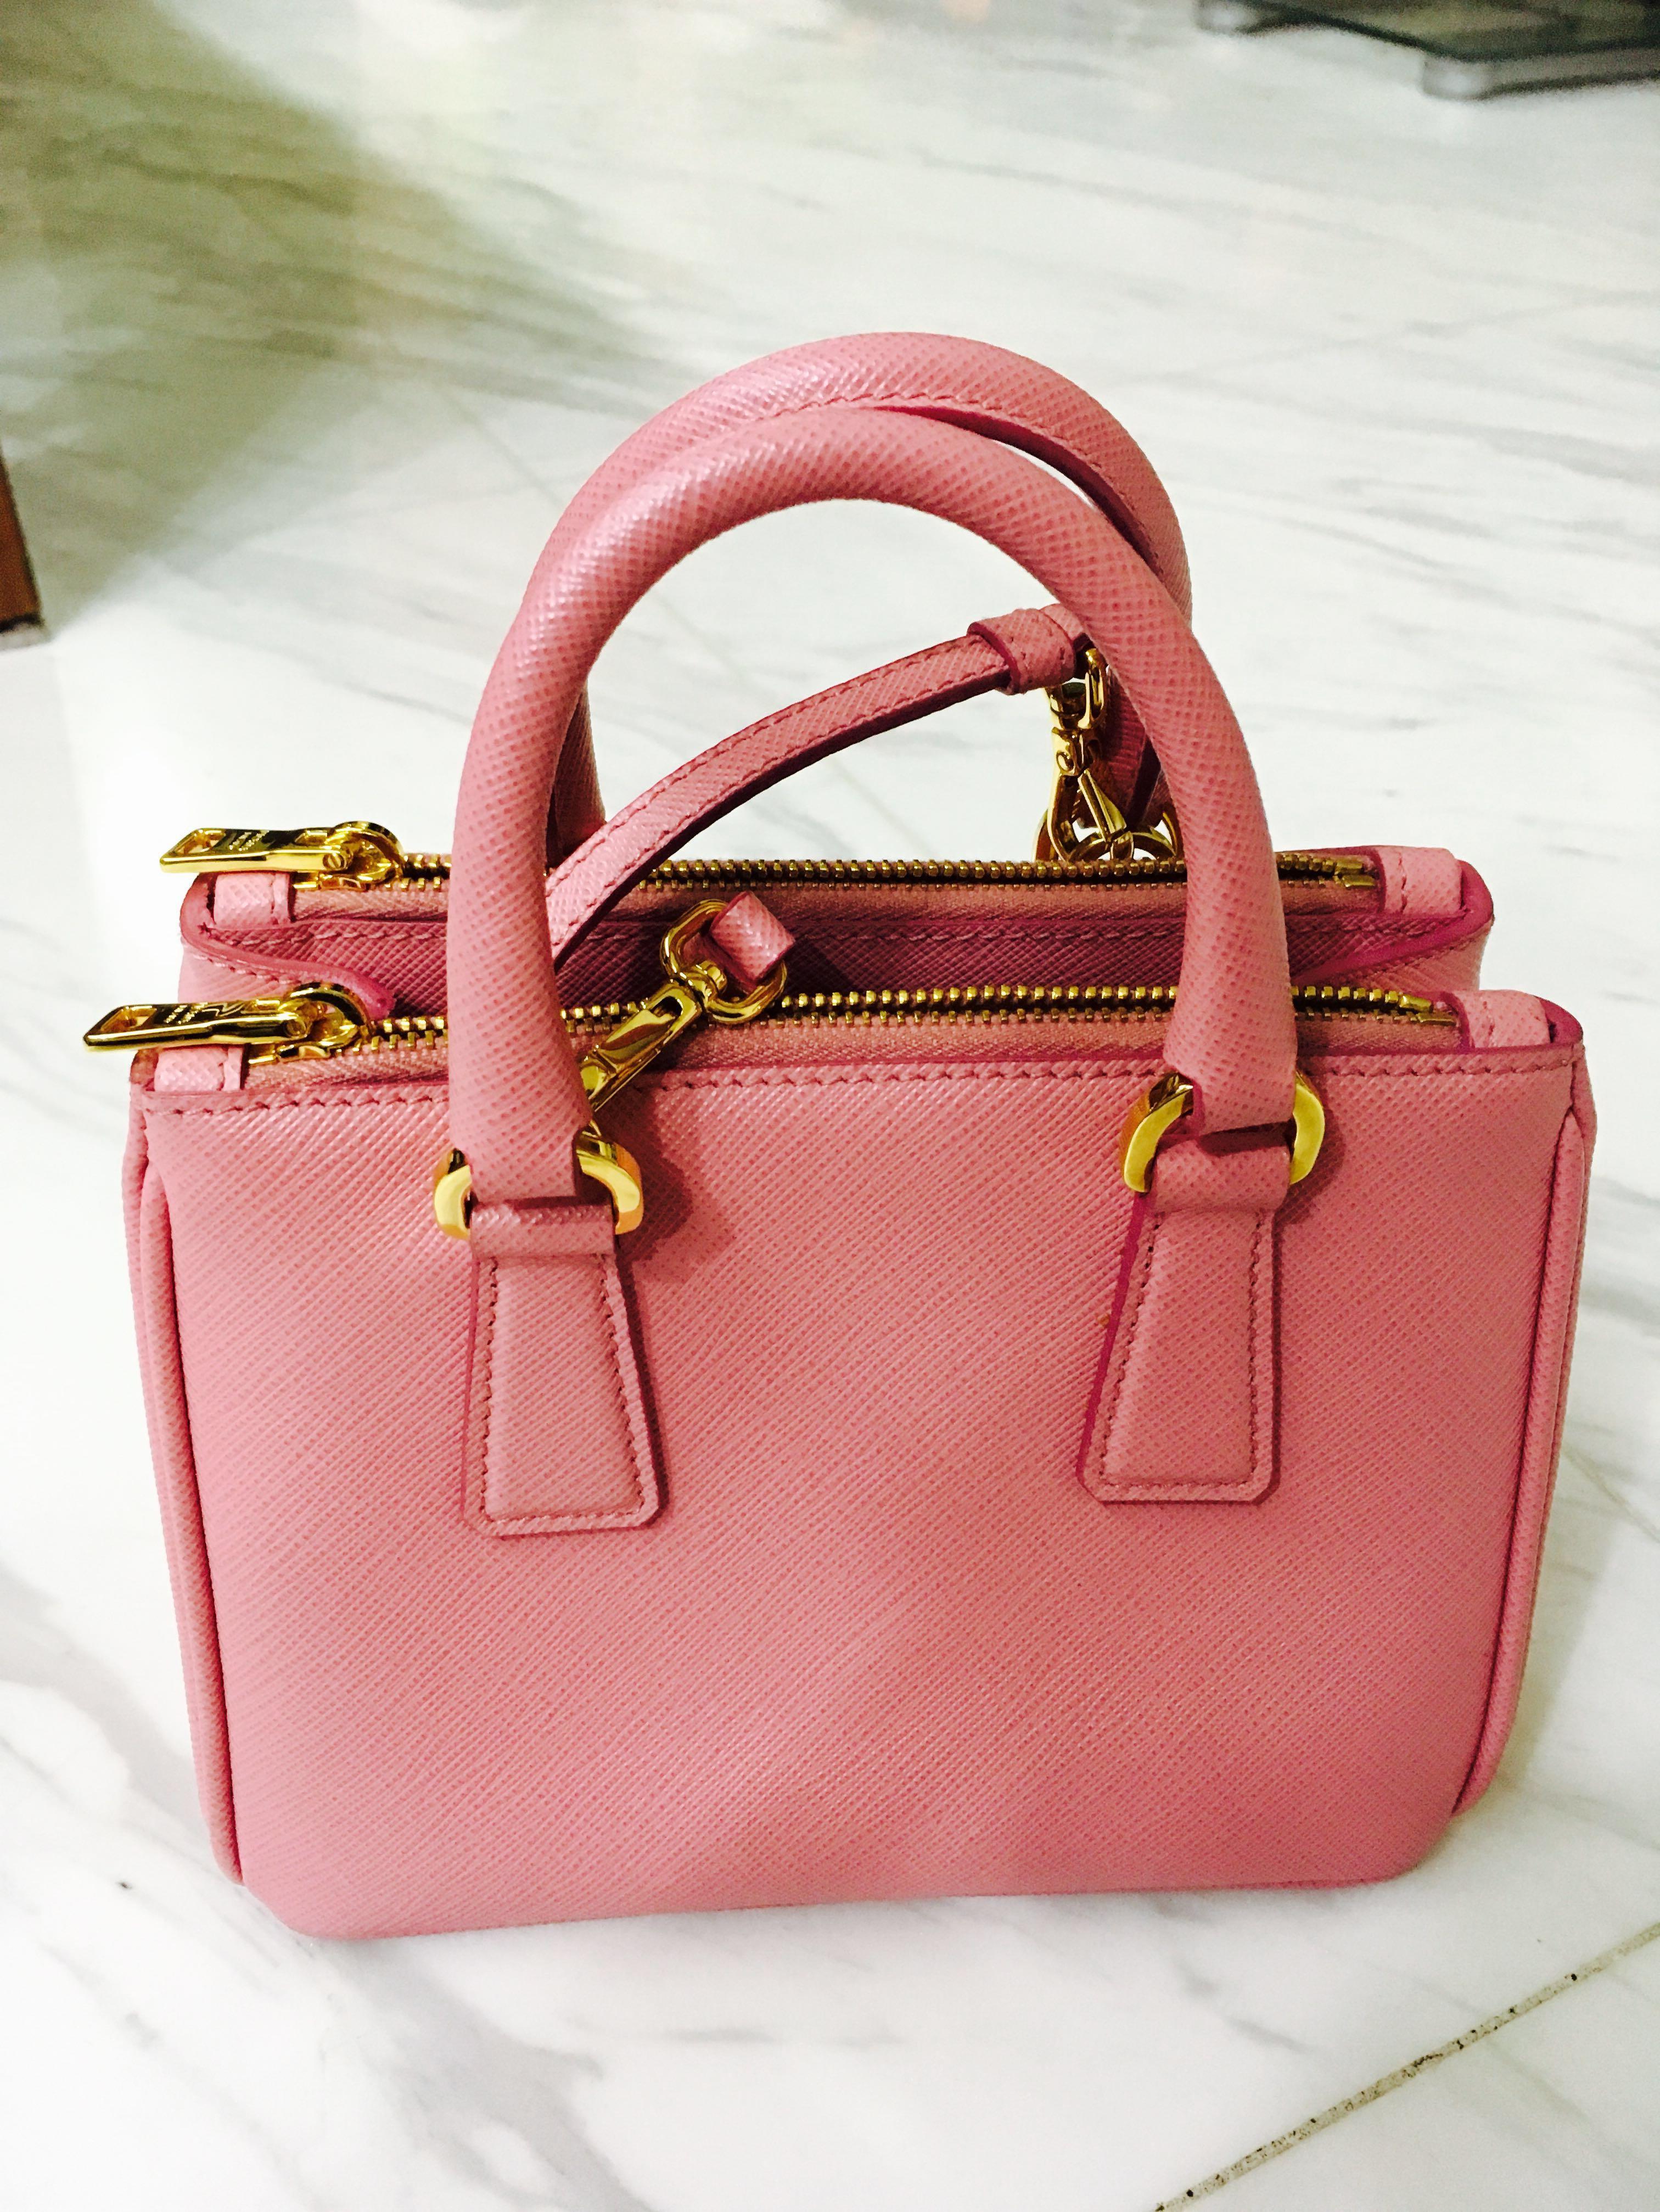 d30370e25e72 Prada Saffiano Bag